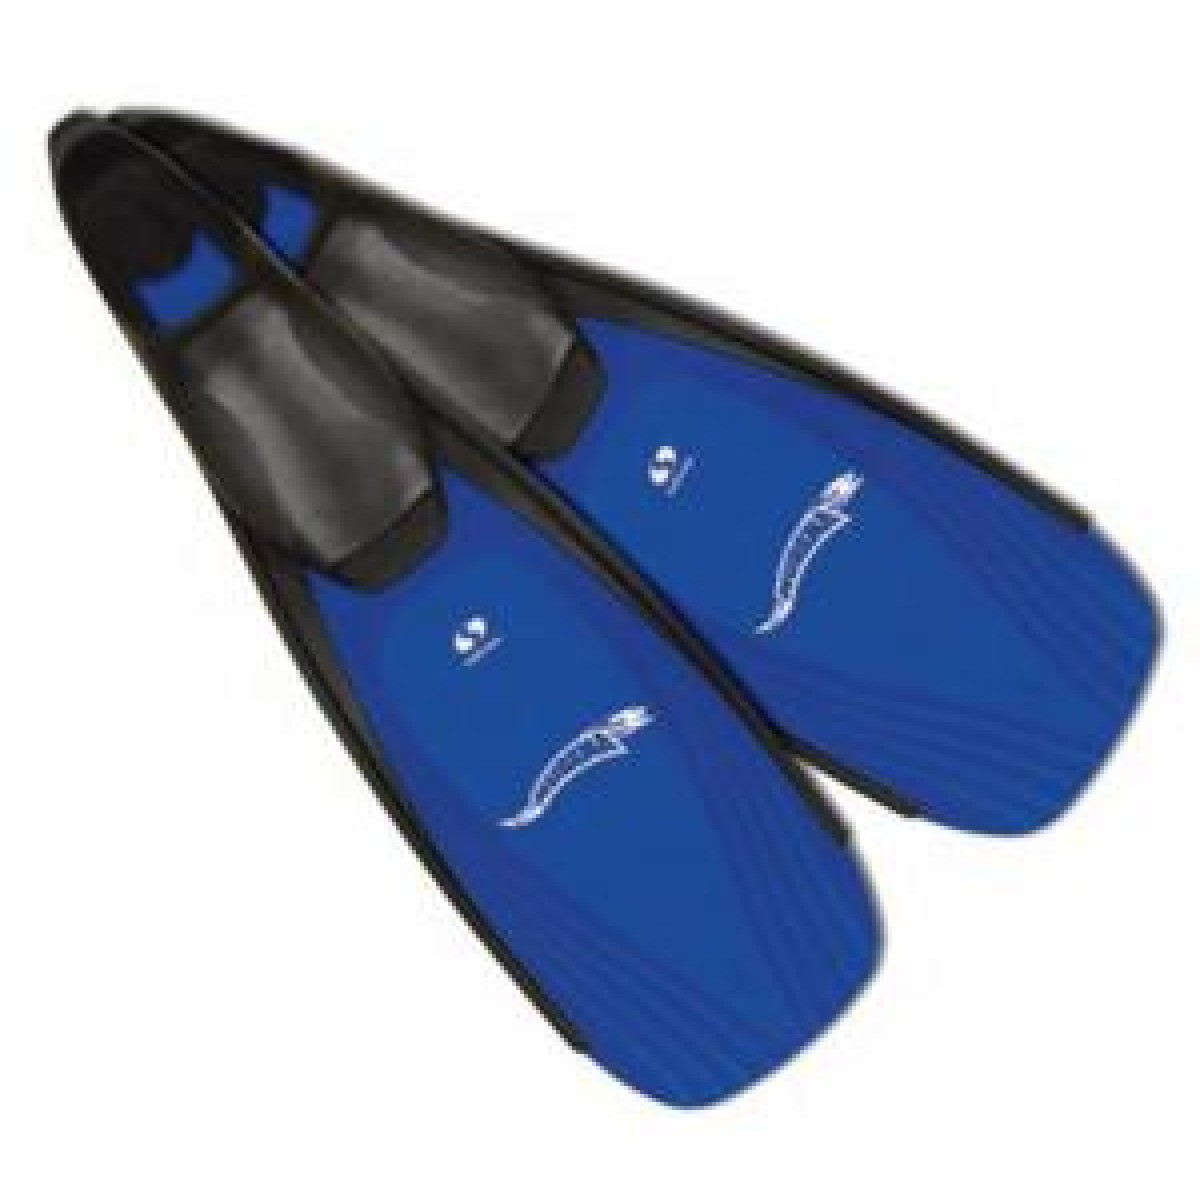 d05c2d976938e3 Salvas zwemvliezen 40-41 - Zwemvliezen - Snorkelen | Awa-Sports.nl